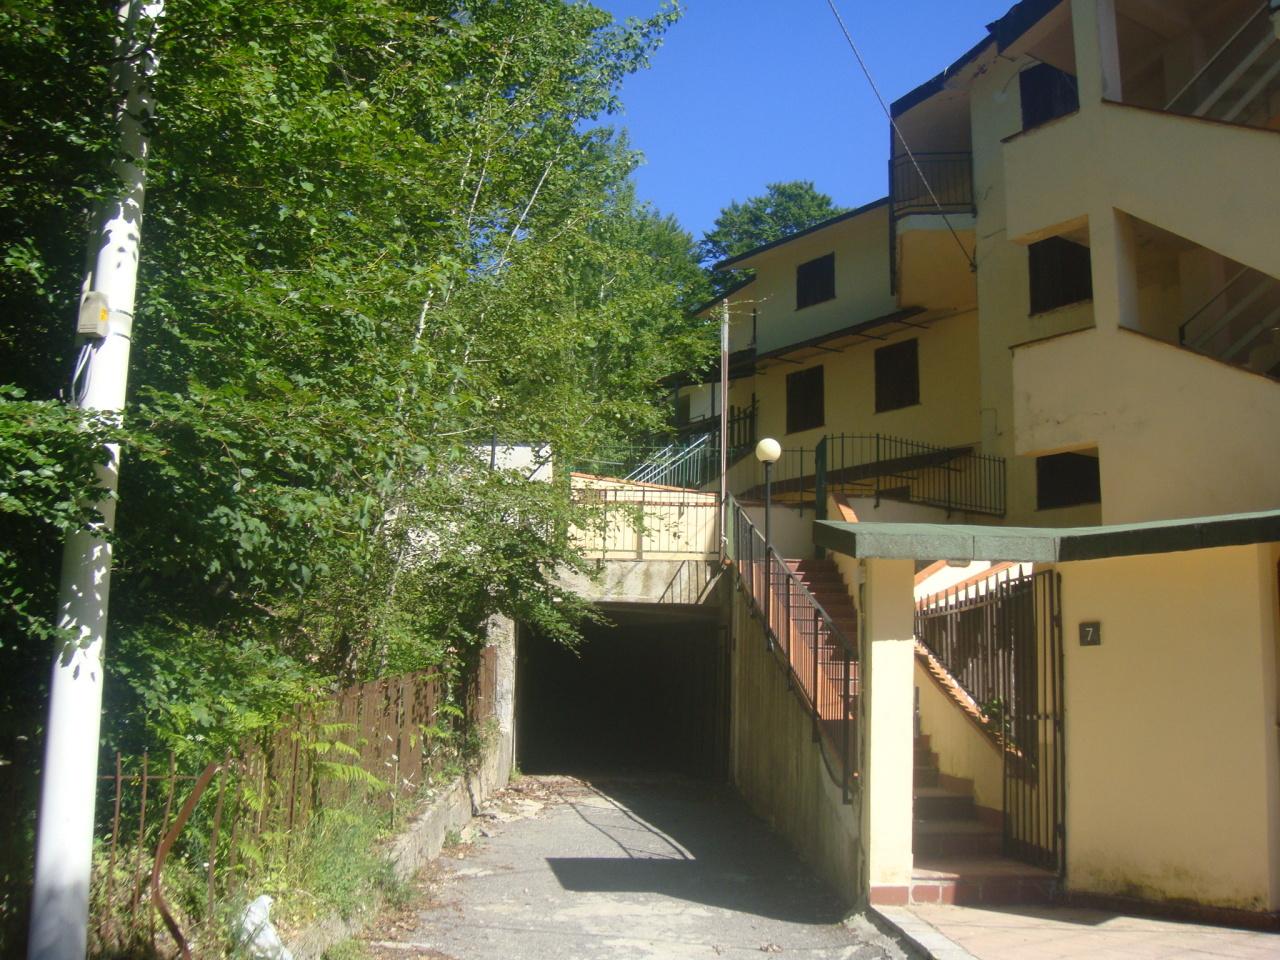 Villa in vendita a Santo Stefano in Aspromonte, 6 locali, prezzo € 80.000 | CambioCasa.it